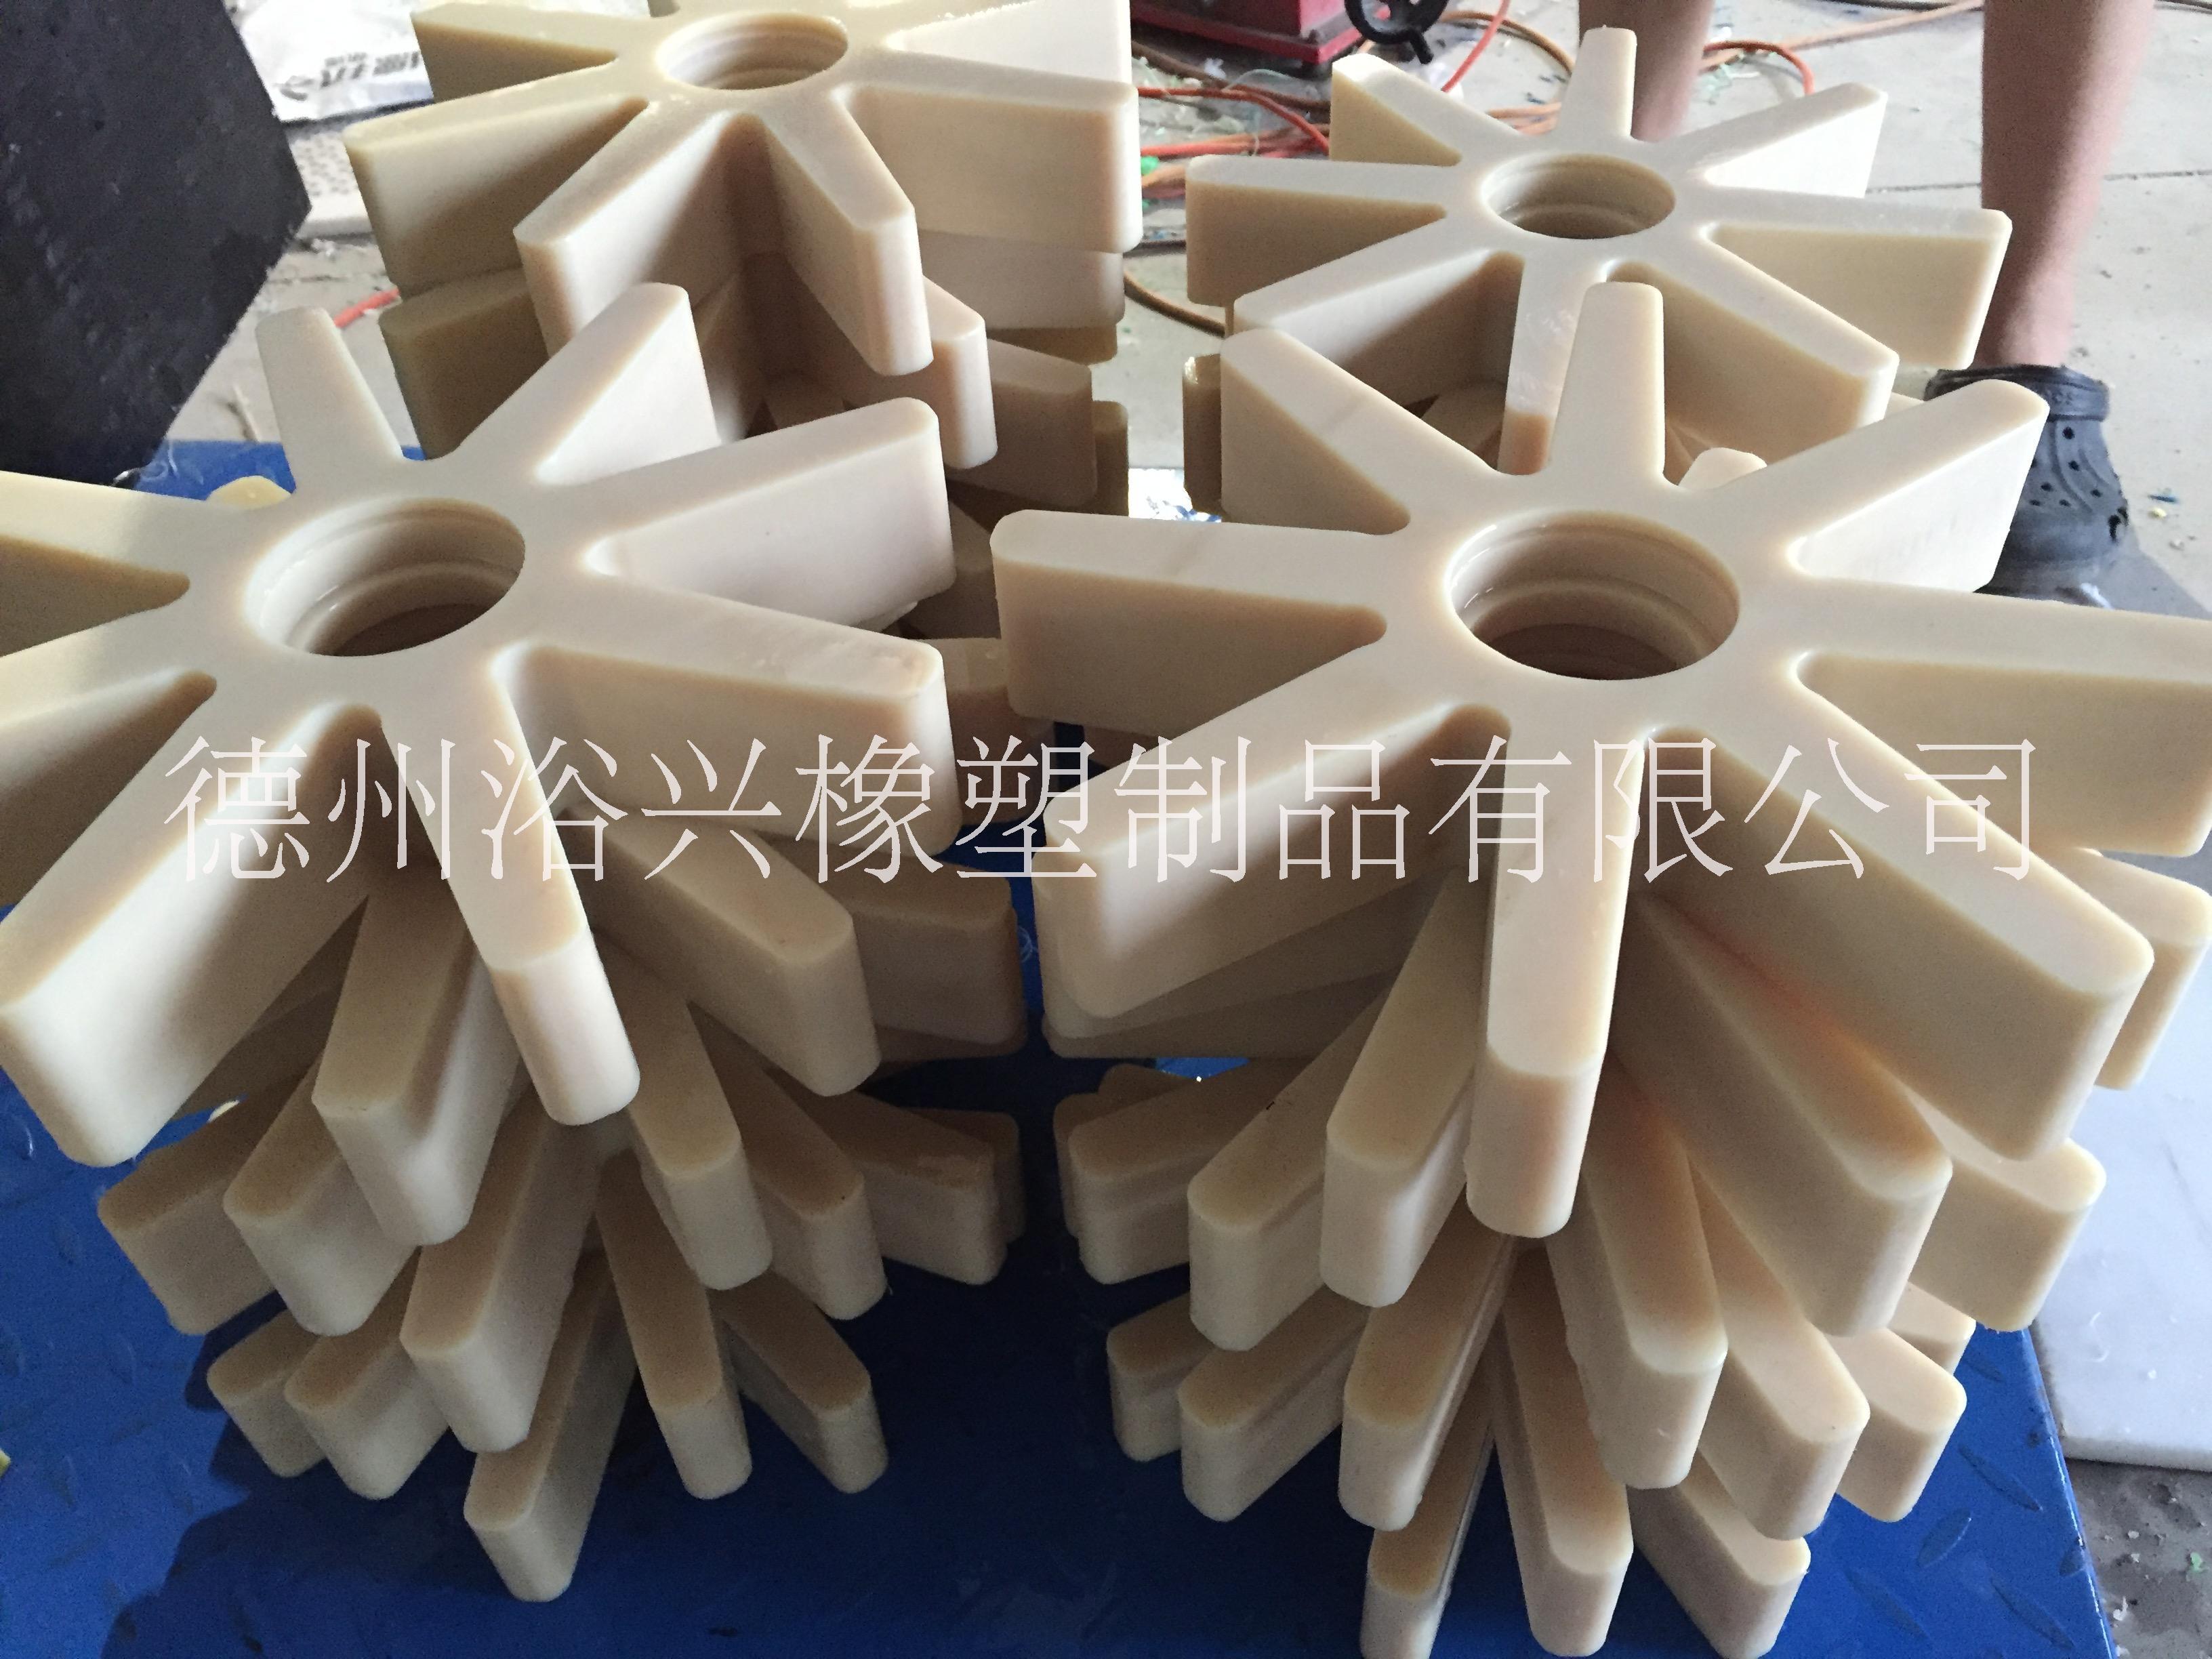 徐州尼龙星型轮生产厂家 尼龙星型轮生产厂家 尼龙星型轮规格